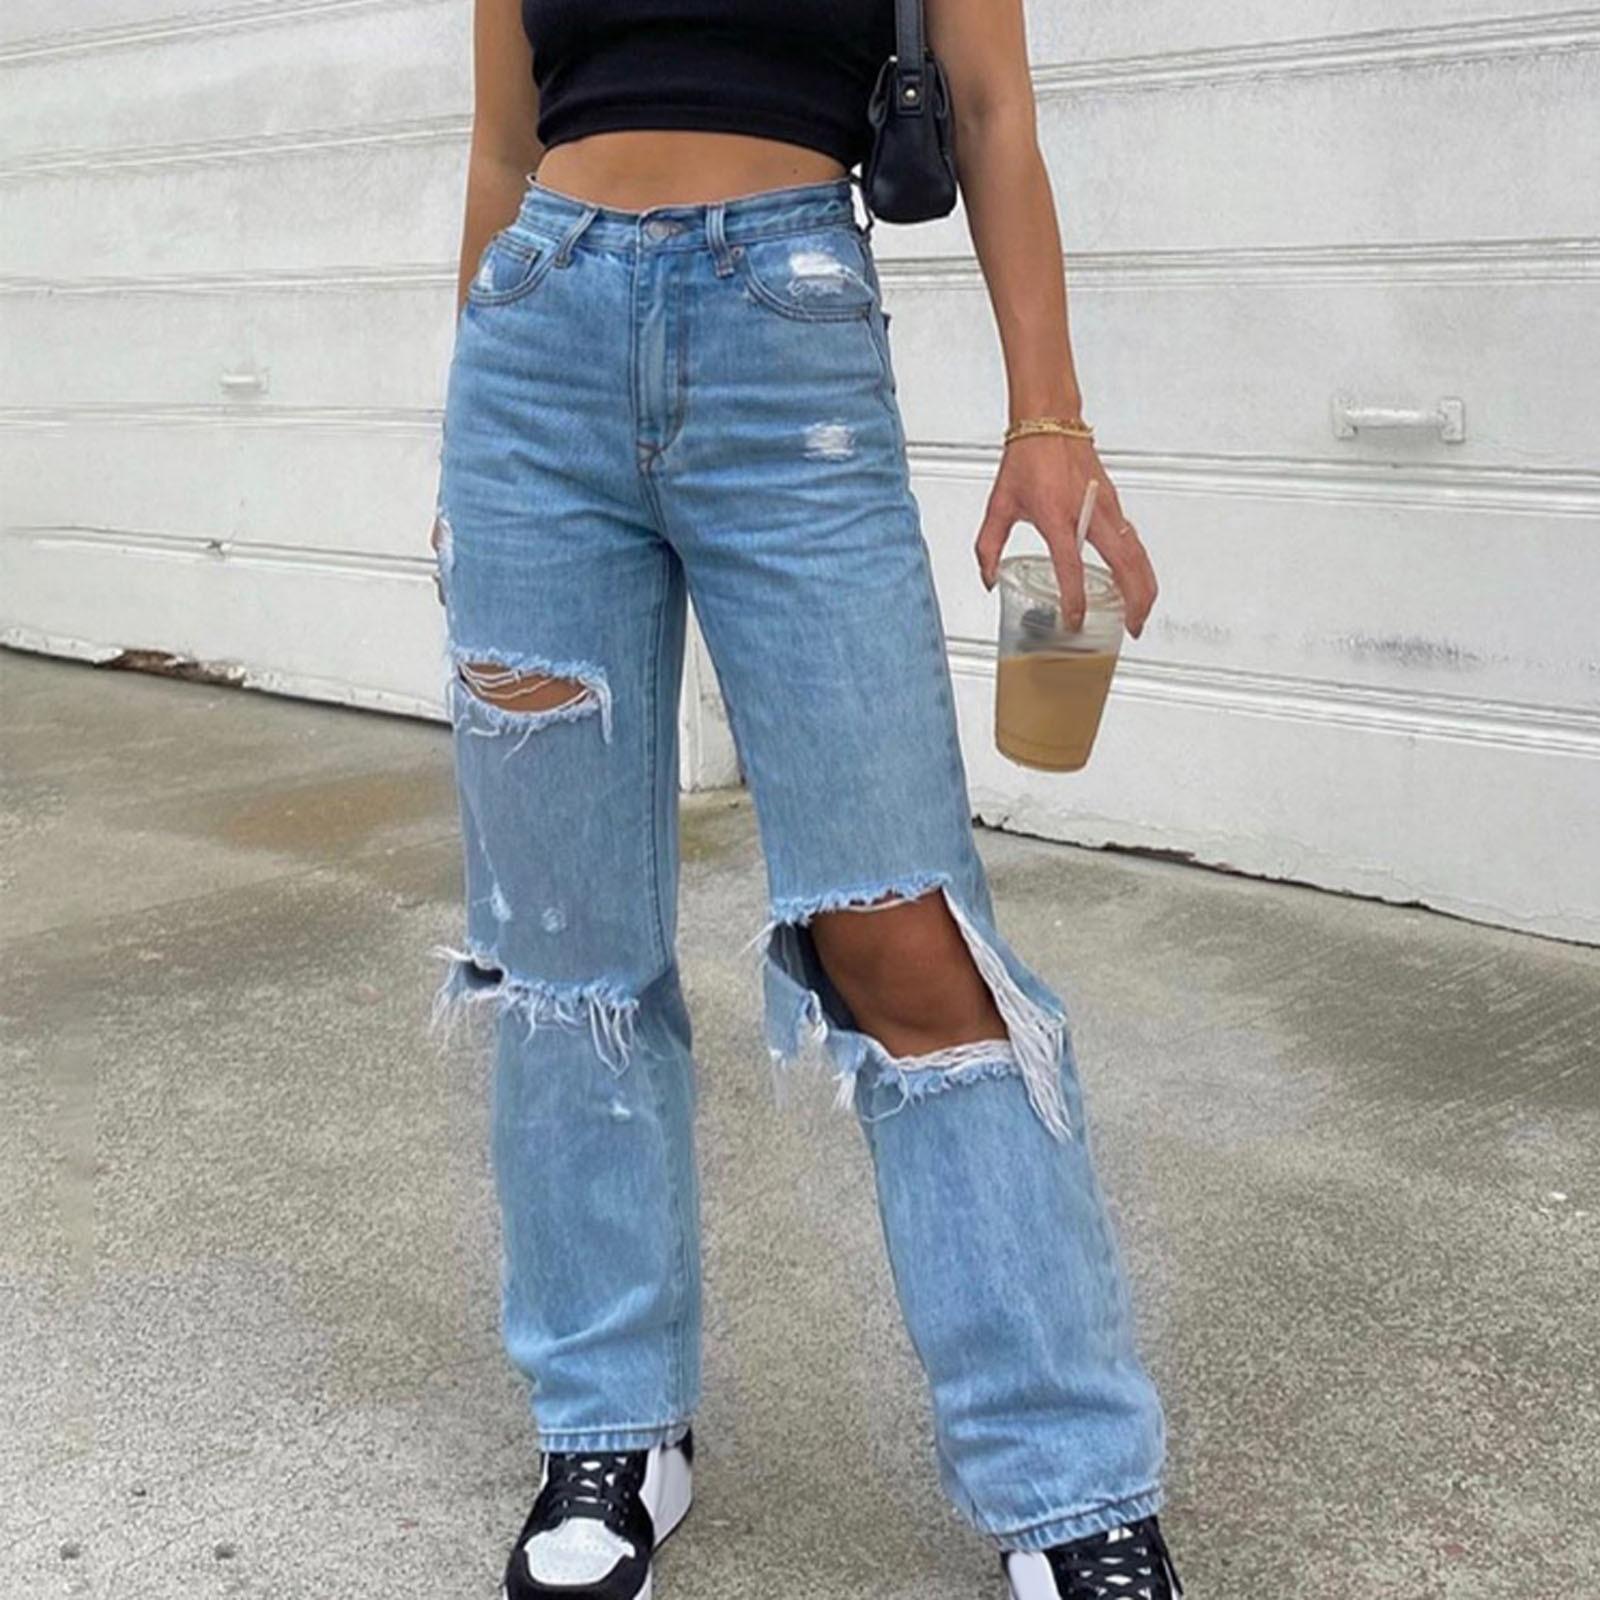 Высокая талия рваные прямые джинсы в винтажном стиле Для женщин Повседневное уличная 90s широкие мешковатые джинсы бойфренда штаны открытые...